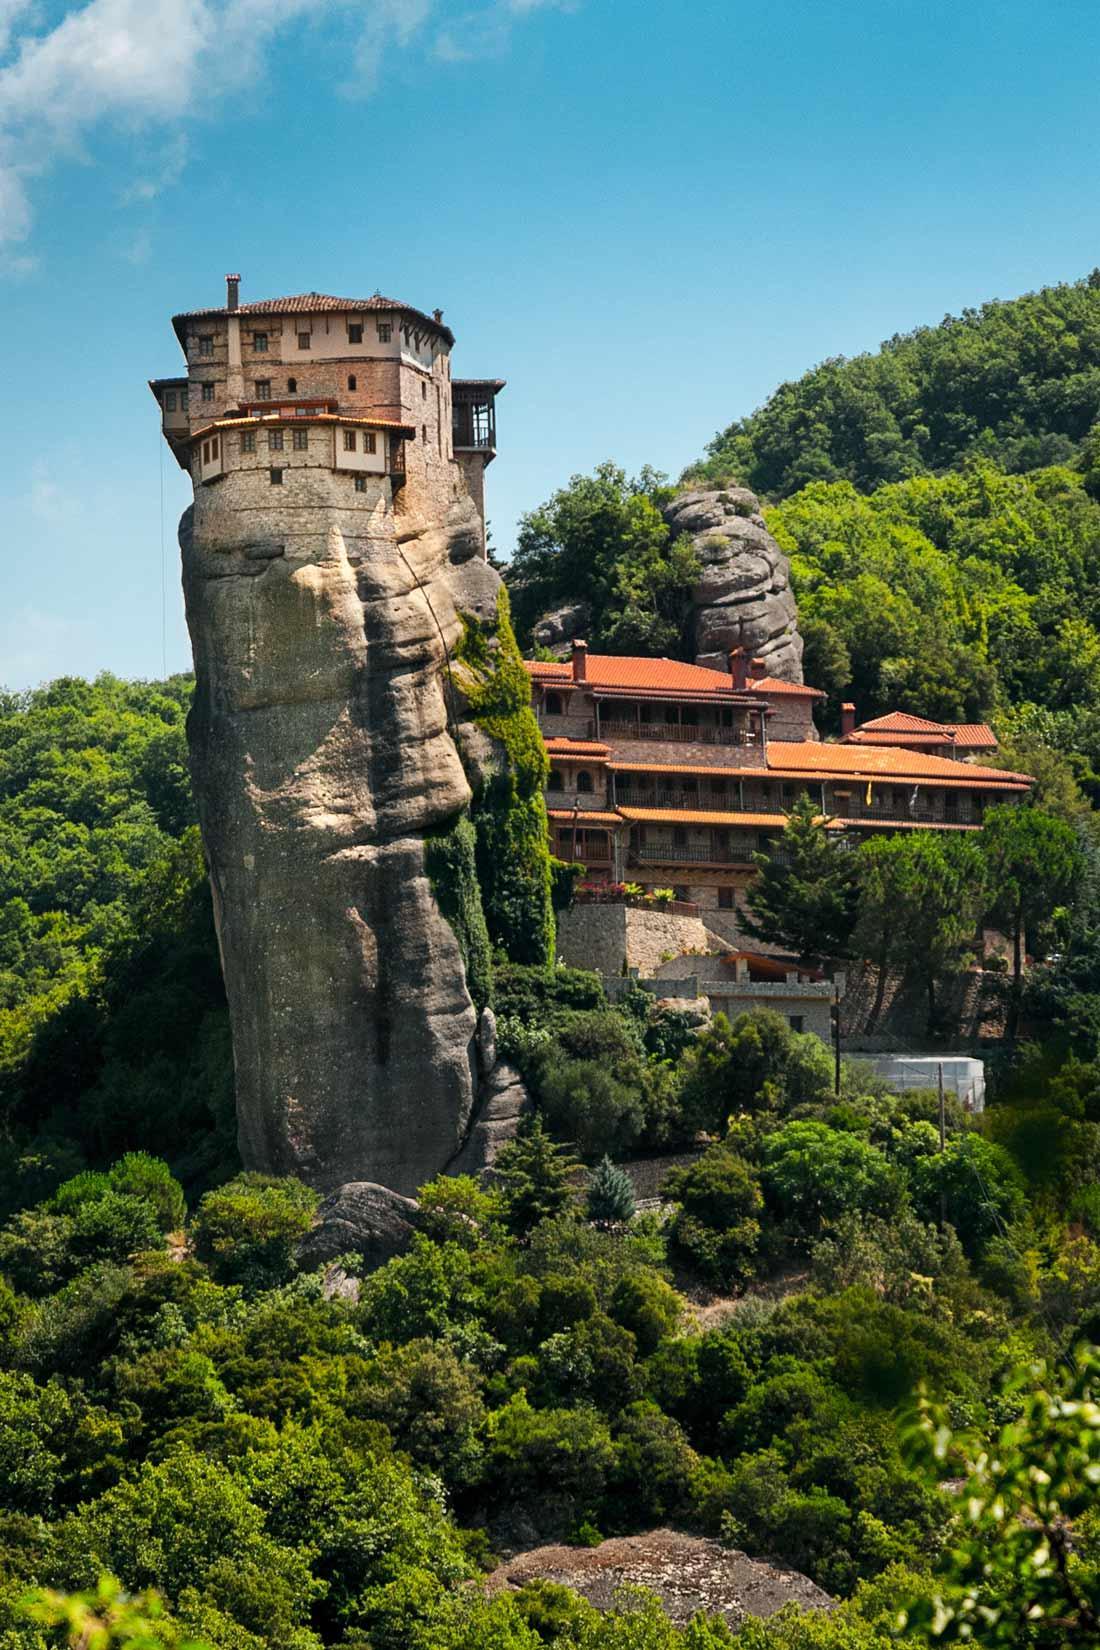 Μοναστήρι της Αγίας Βαρβάρας Ρουσάνου z trochu jiného, dost nezvyklého úhlu